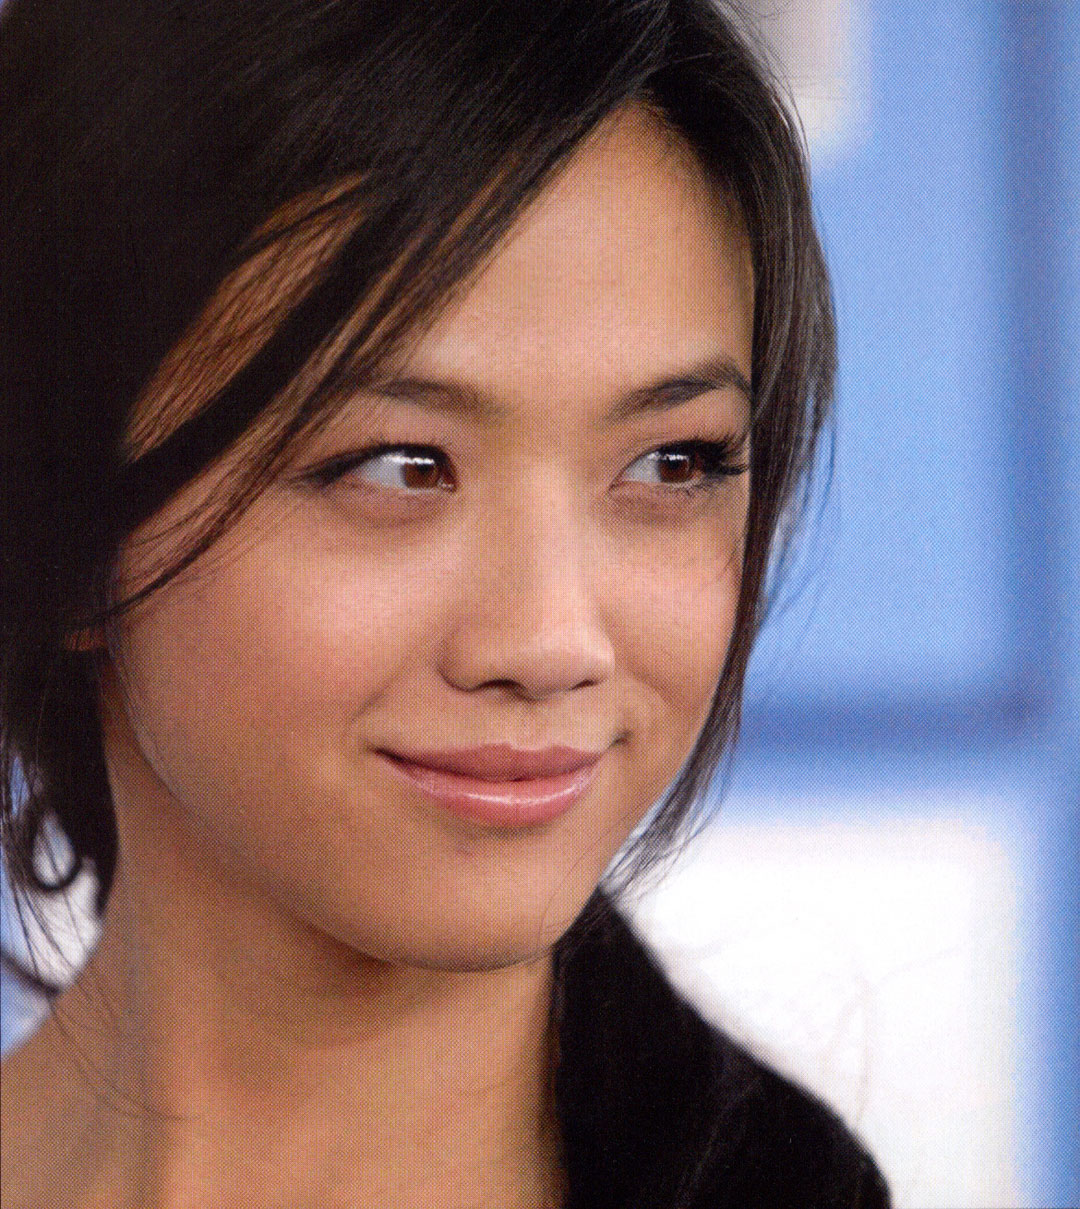 adolescente chinoise nu / wonderluckcom